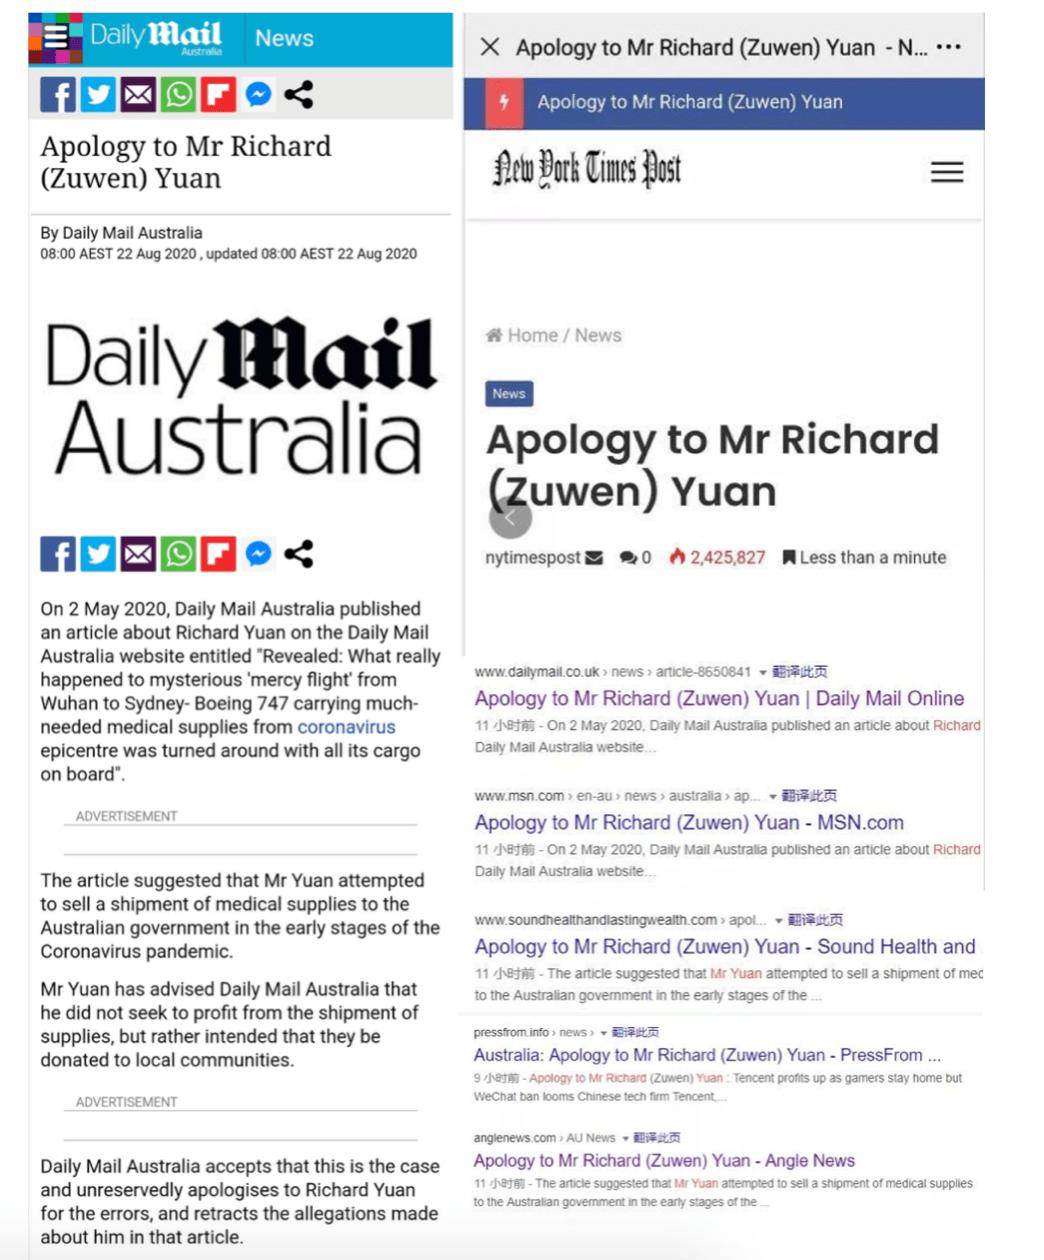 纪实|主流媒体首次向华人道歉背后:天平从不向沉默倾斜,正义只能由抗争赢得